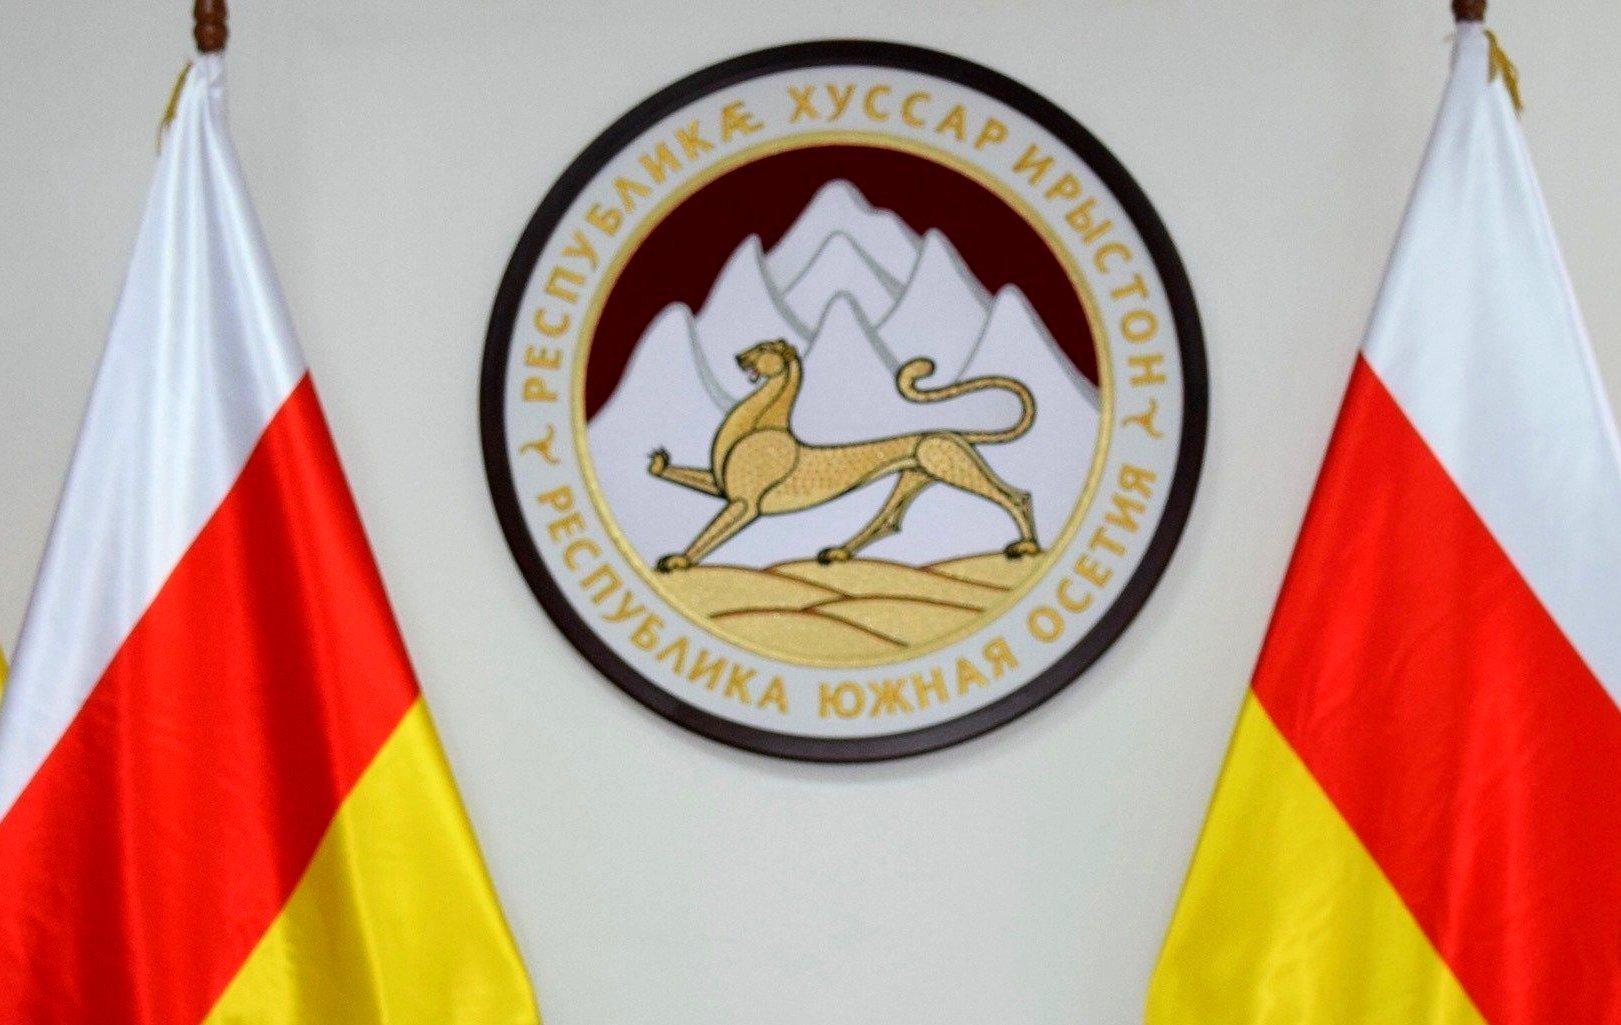 Республике Южная Осетия — 30 лет